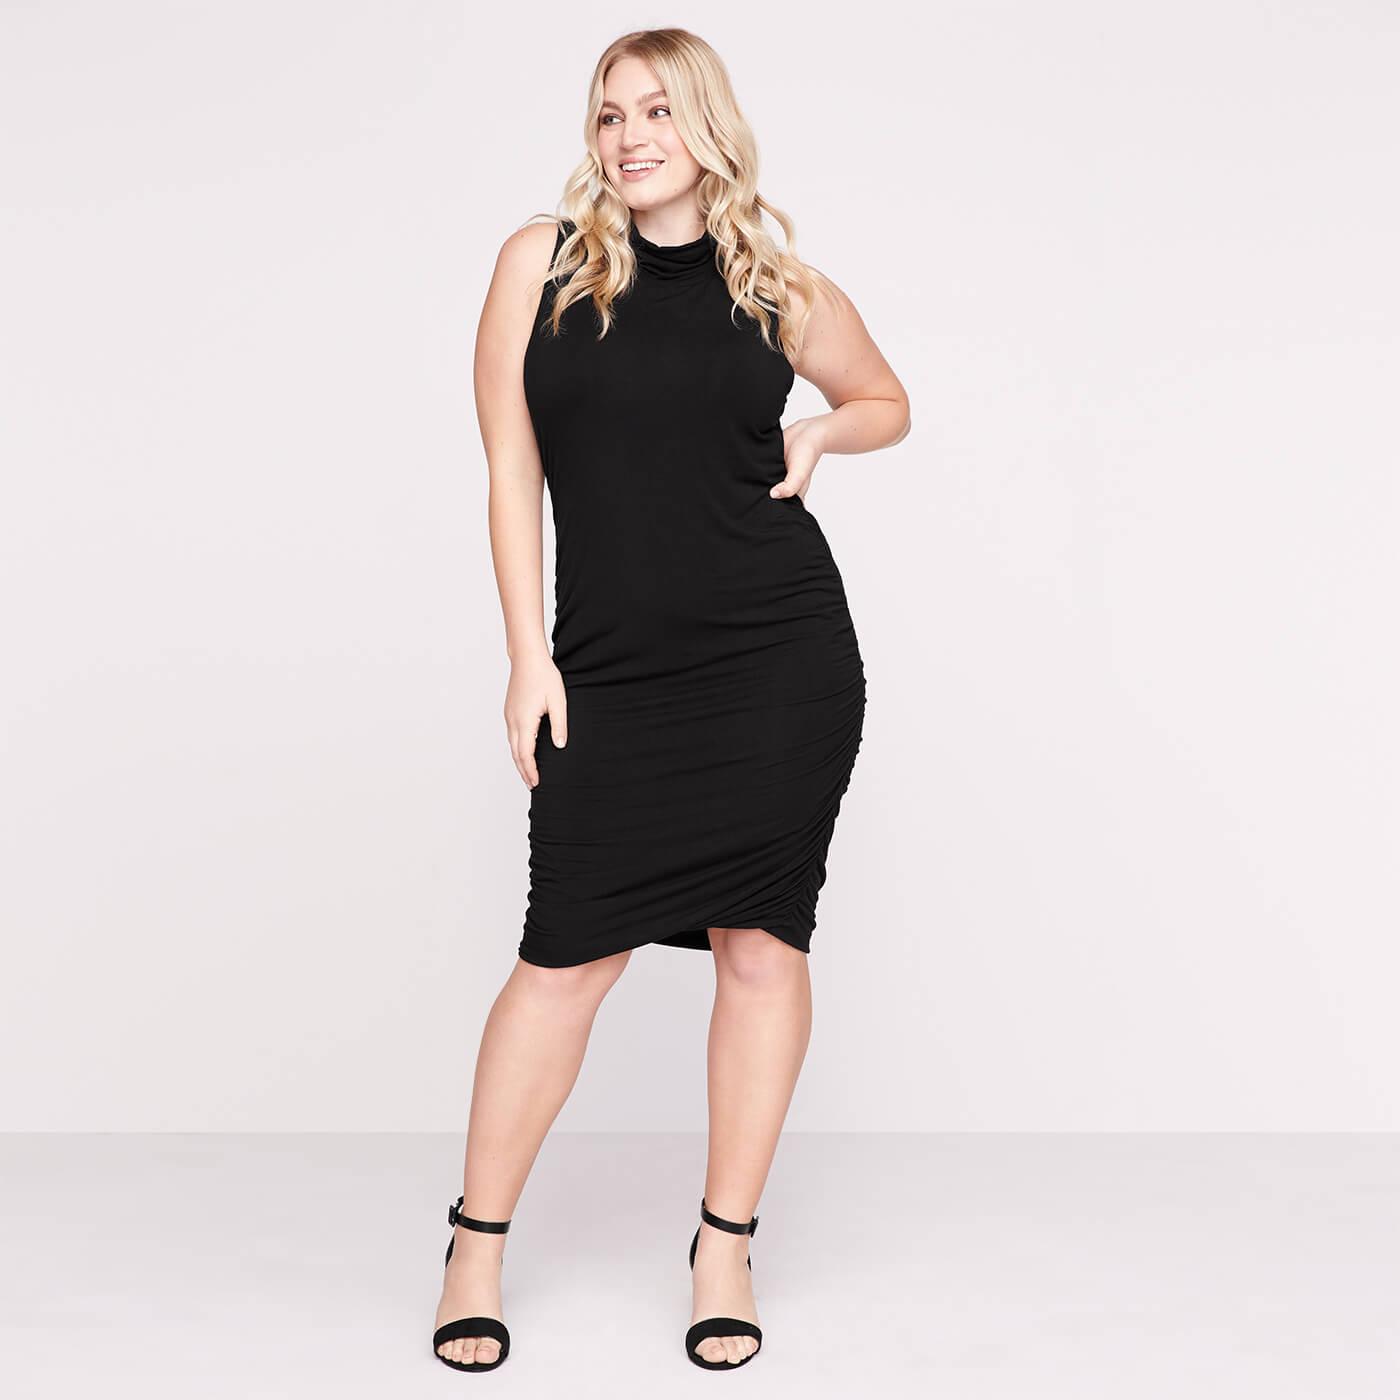 Dresses for apple shaped women - Dresses For Apple Shaped Women 45